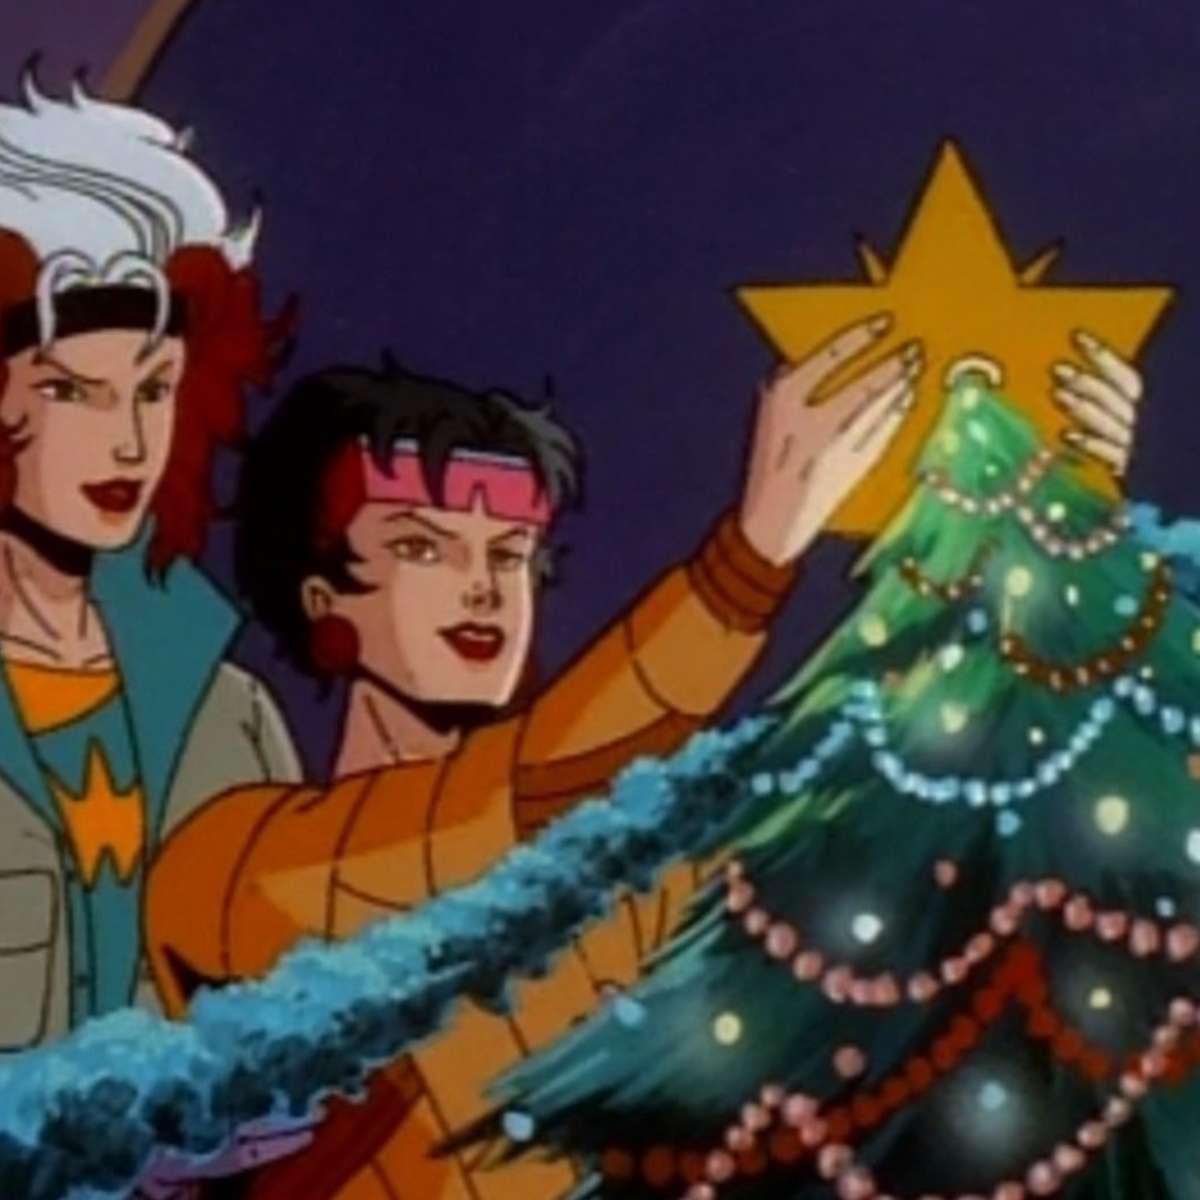 x-men-morlock-christmas.jpg